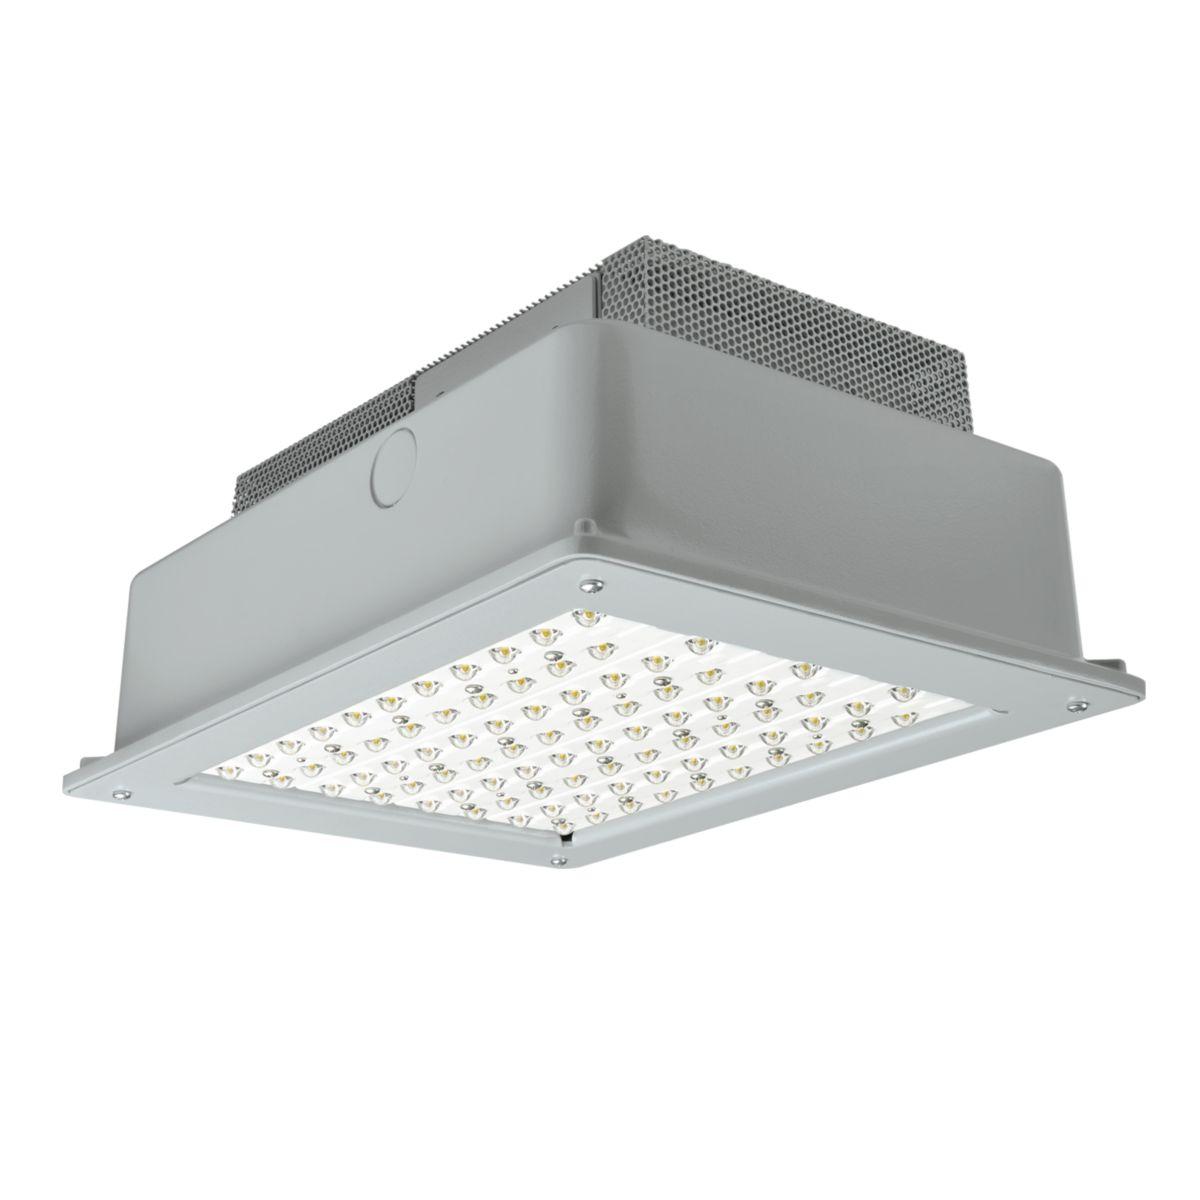 VPL Valet LED